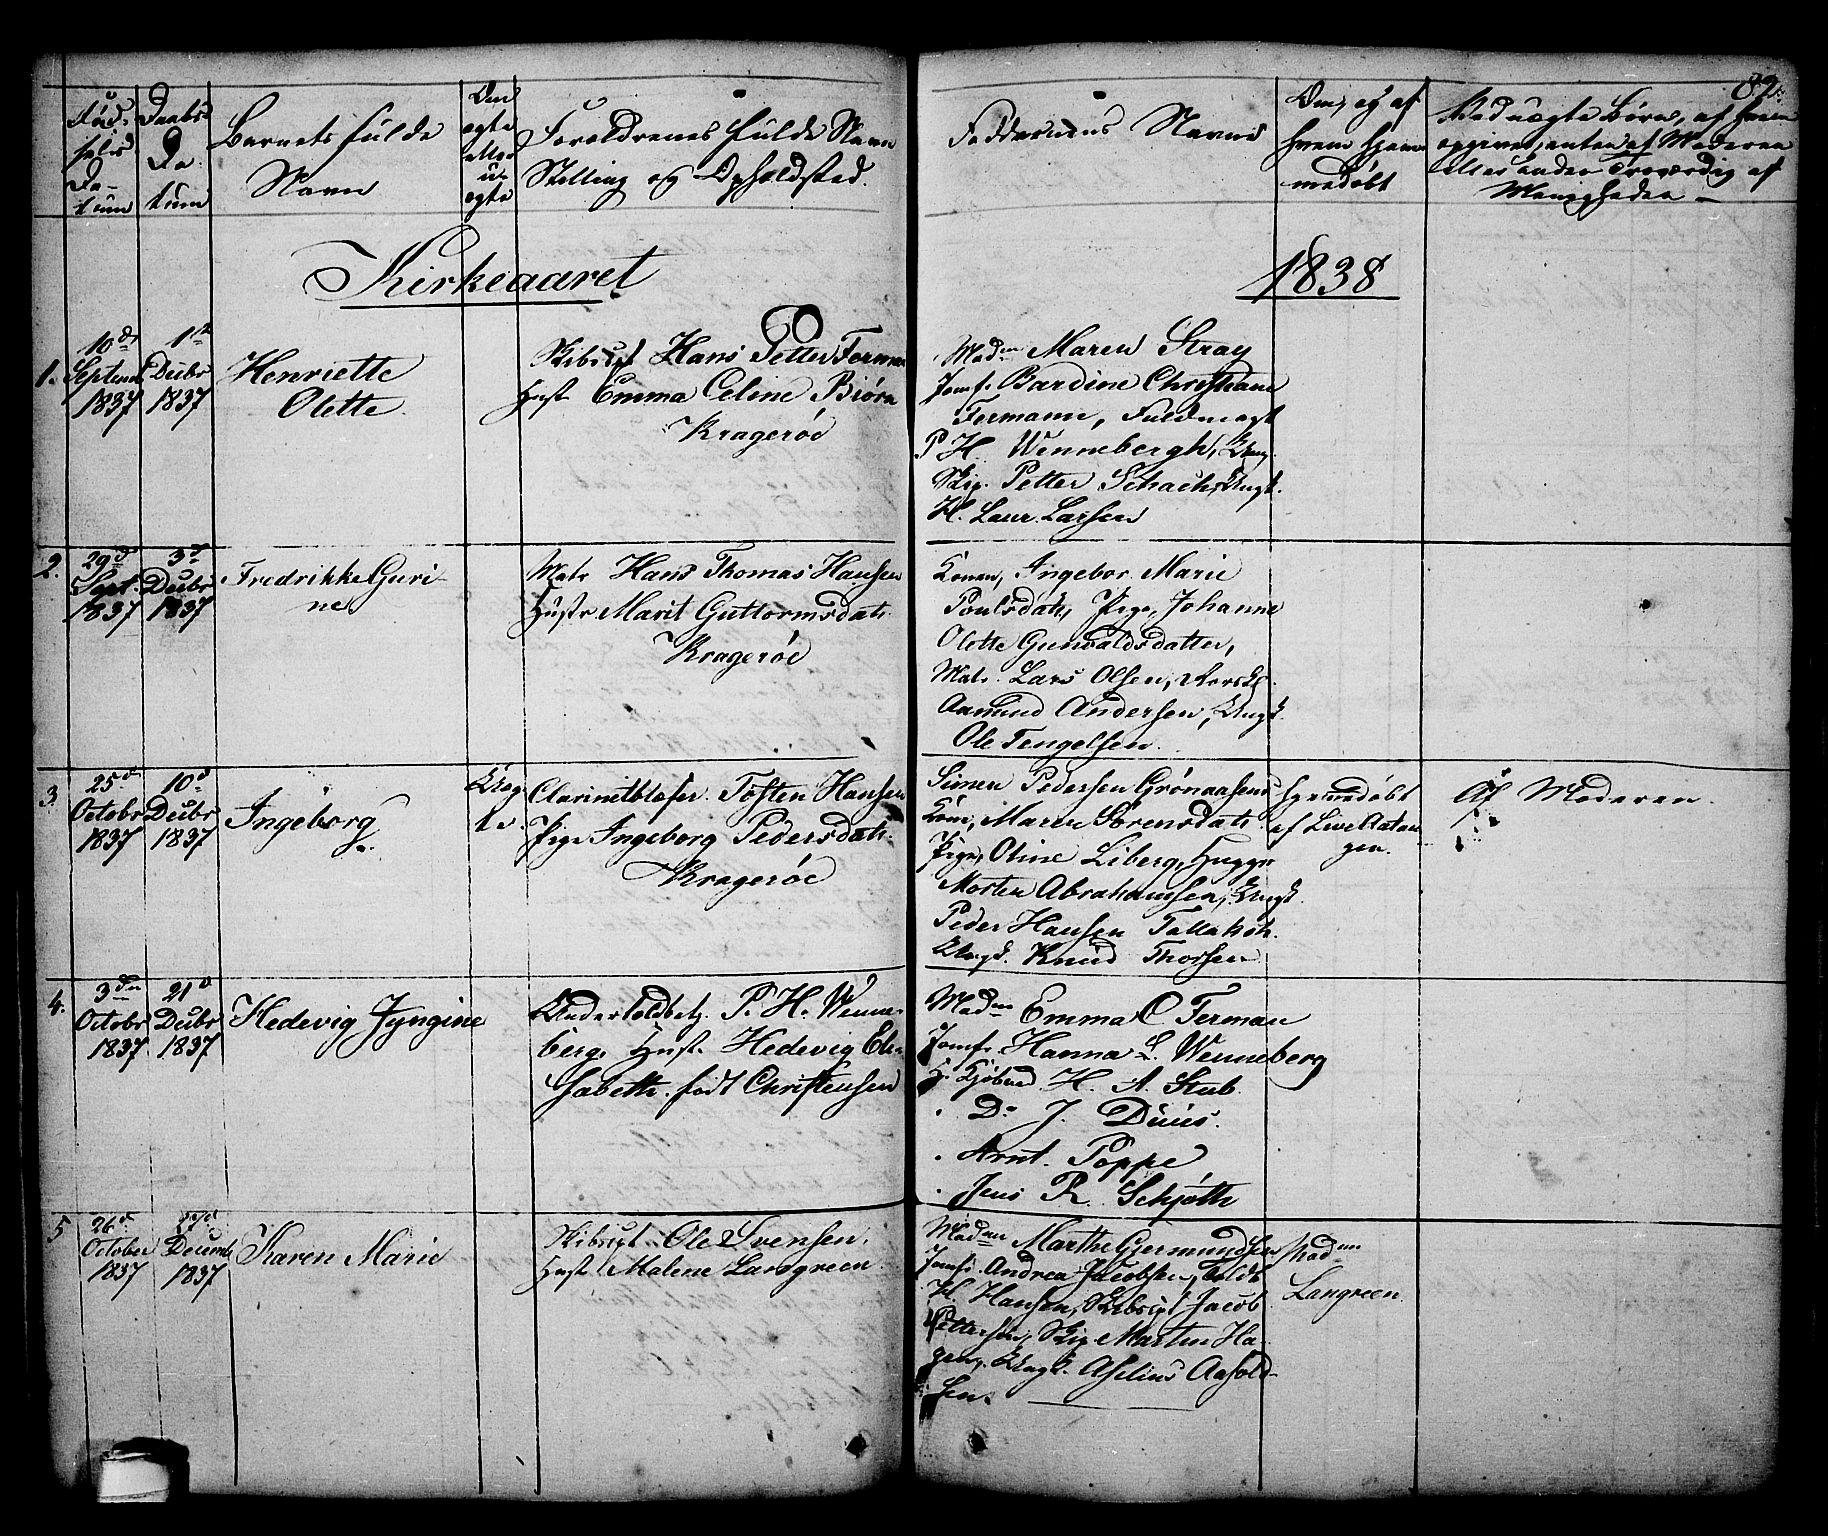 SAKO, Kragerø kirkebøker, G/Ga/L0003: Klokkerbok nr. 3, 1832-1852, s. 82